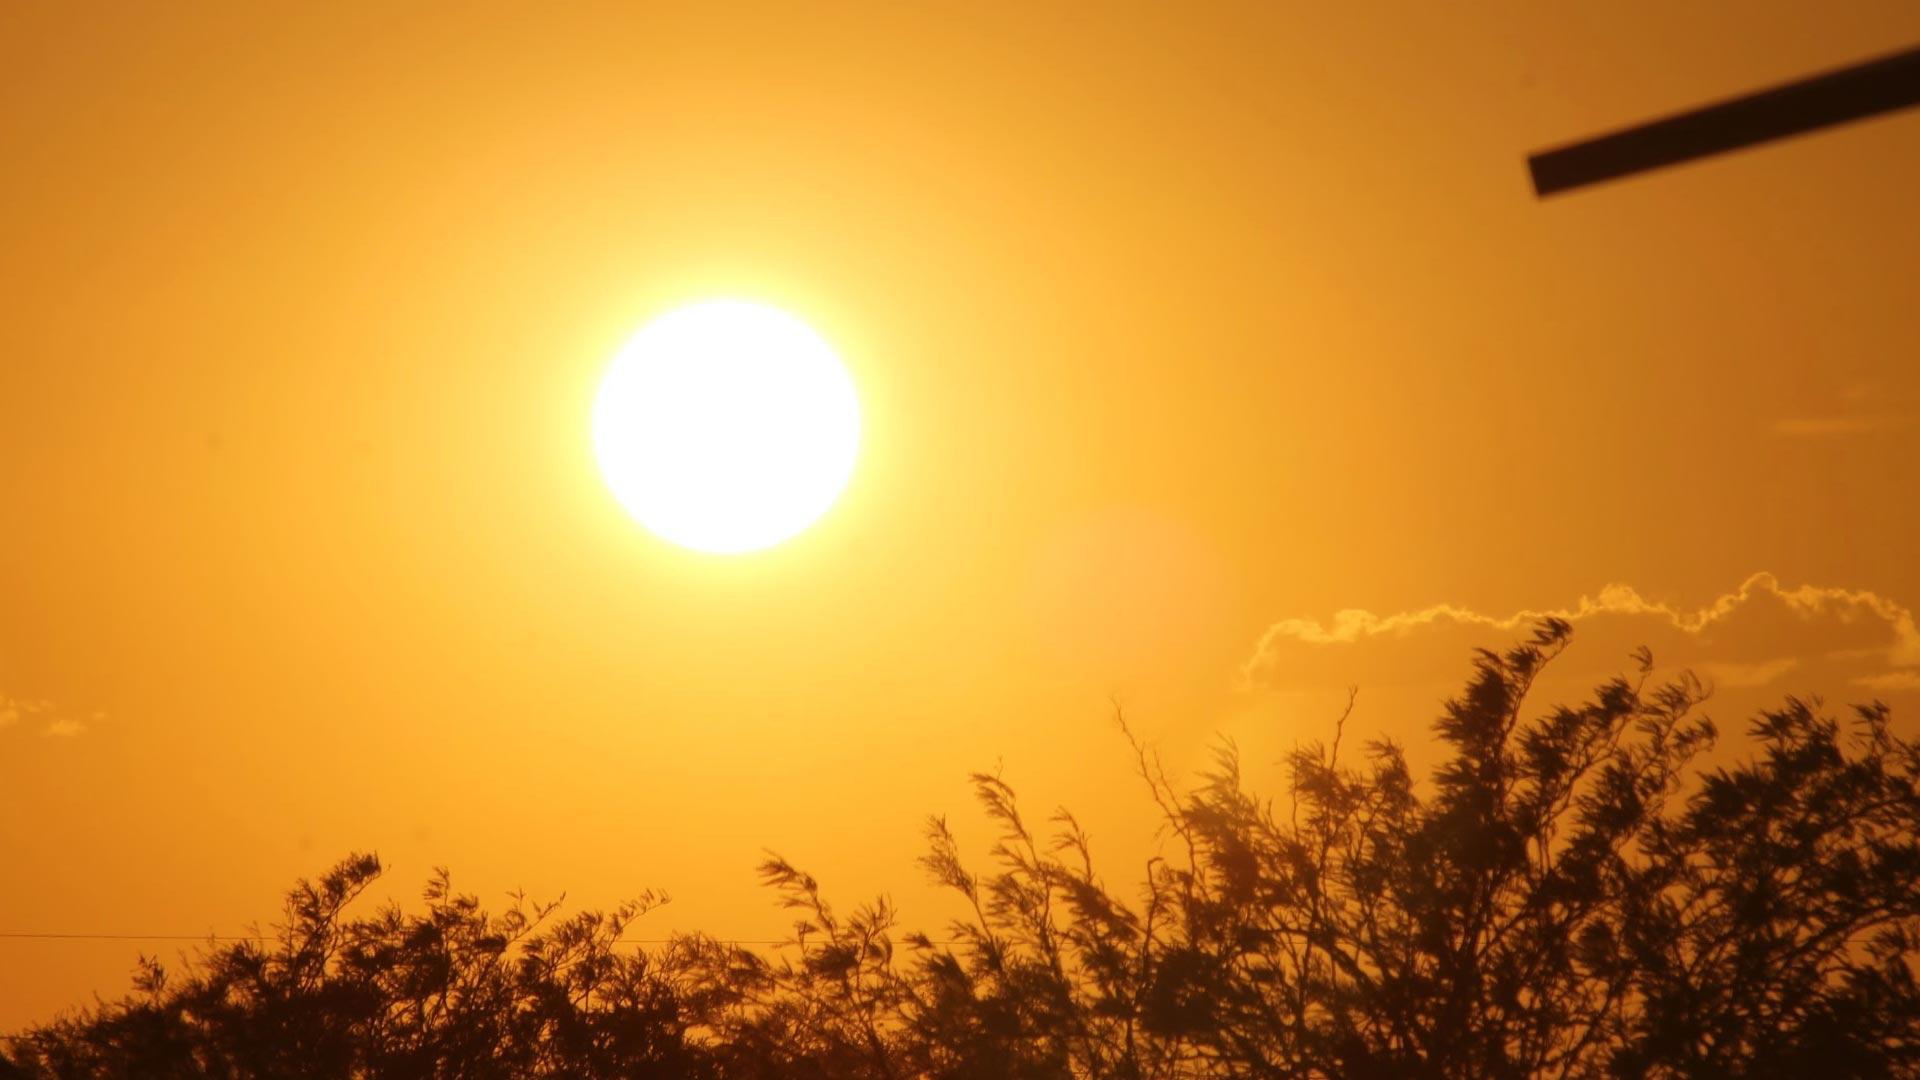 الأرصاد الجوية تعلن عن مدة بقاء الموجة الحارة